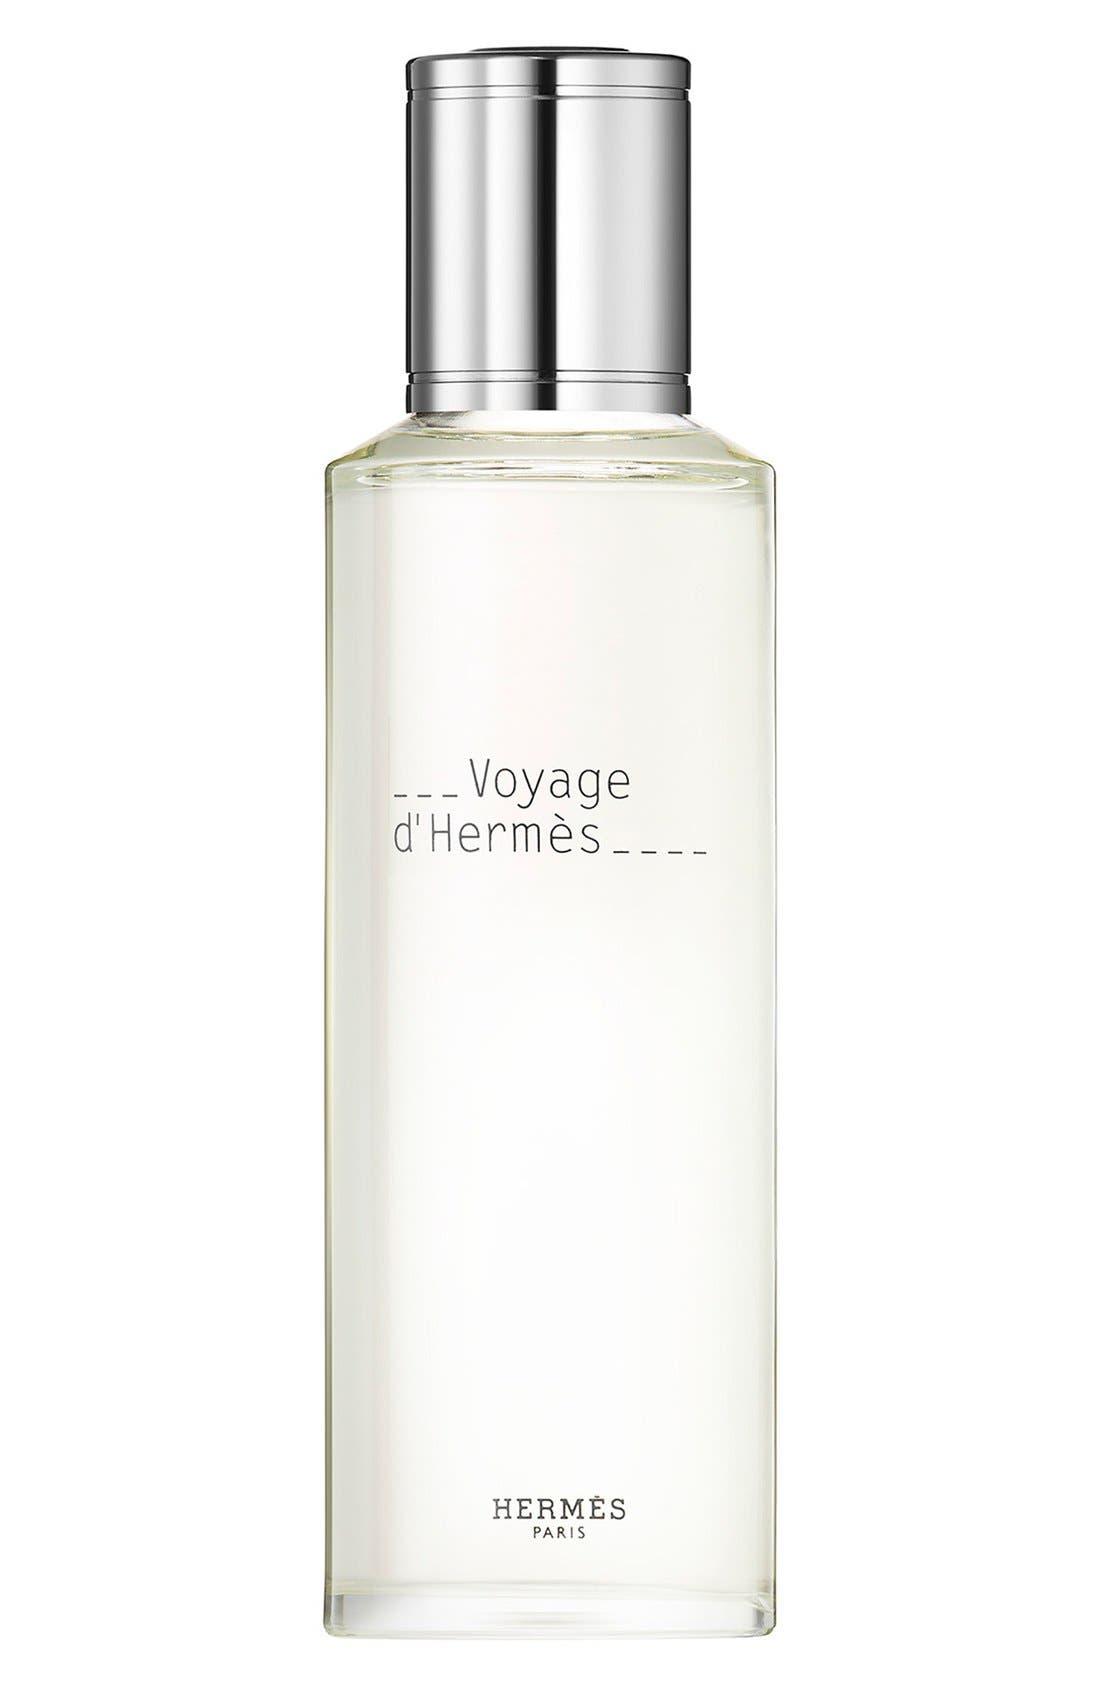 Hermès Voyage d'Hermès - Eau de toilette refill,                         Main,                         color, 000